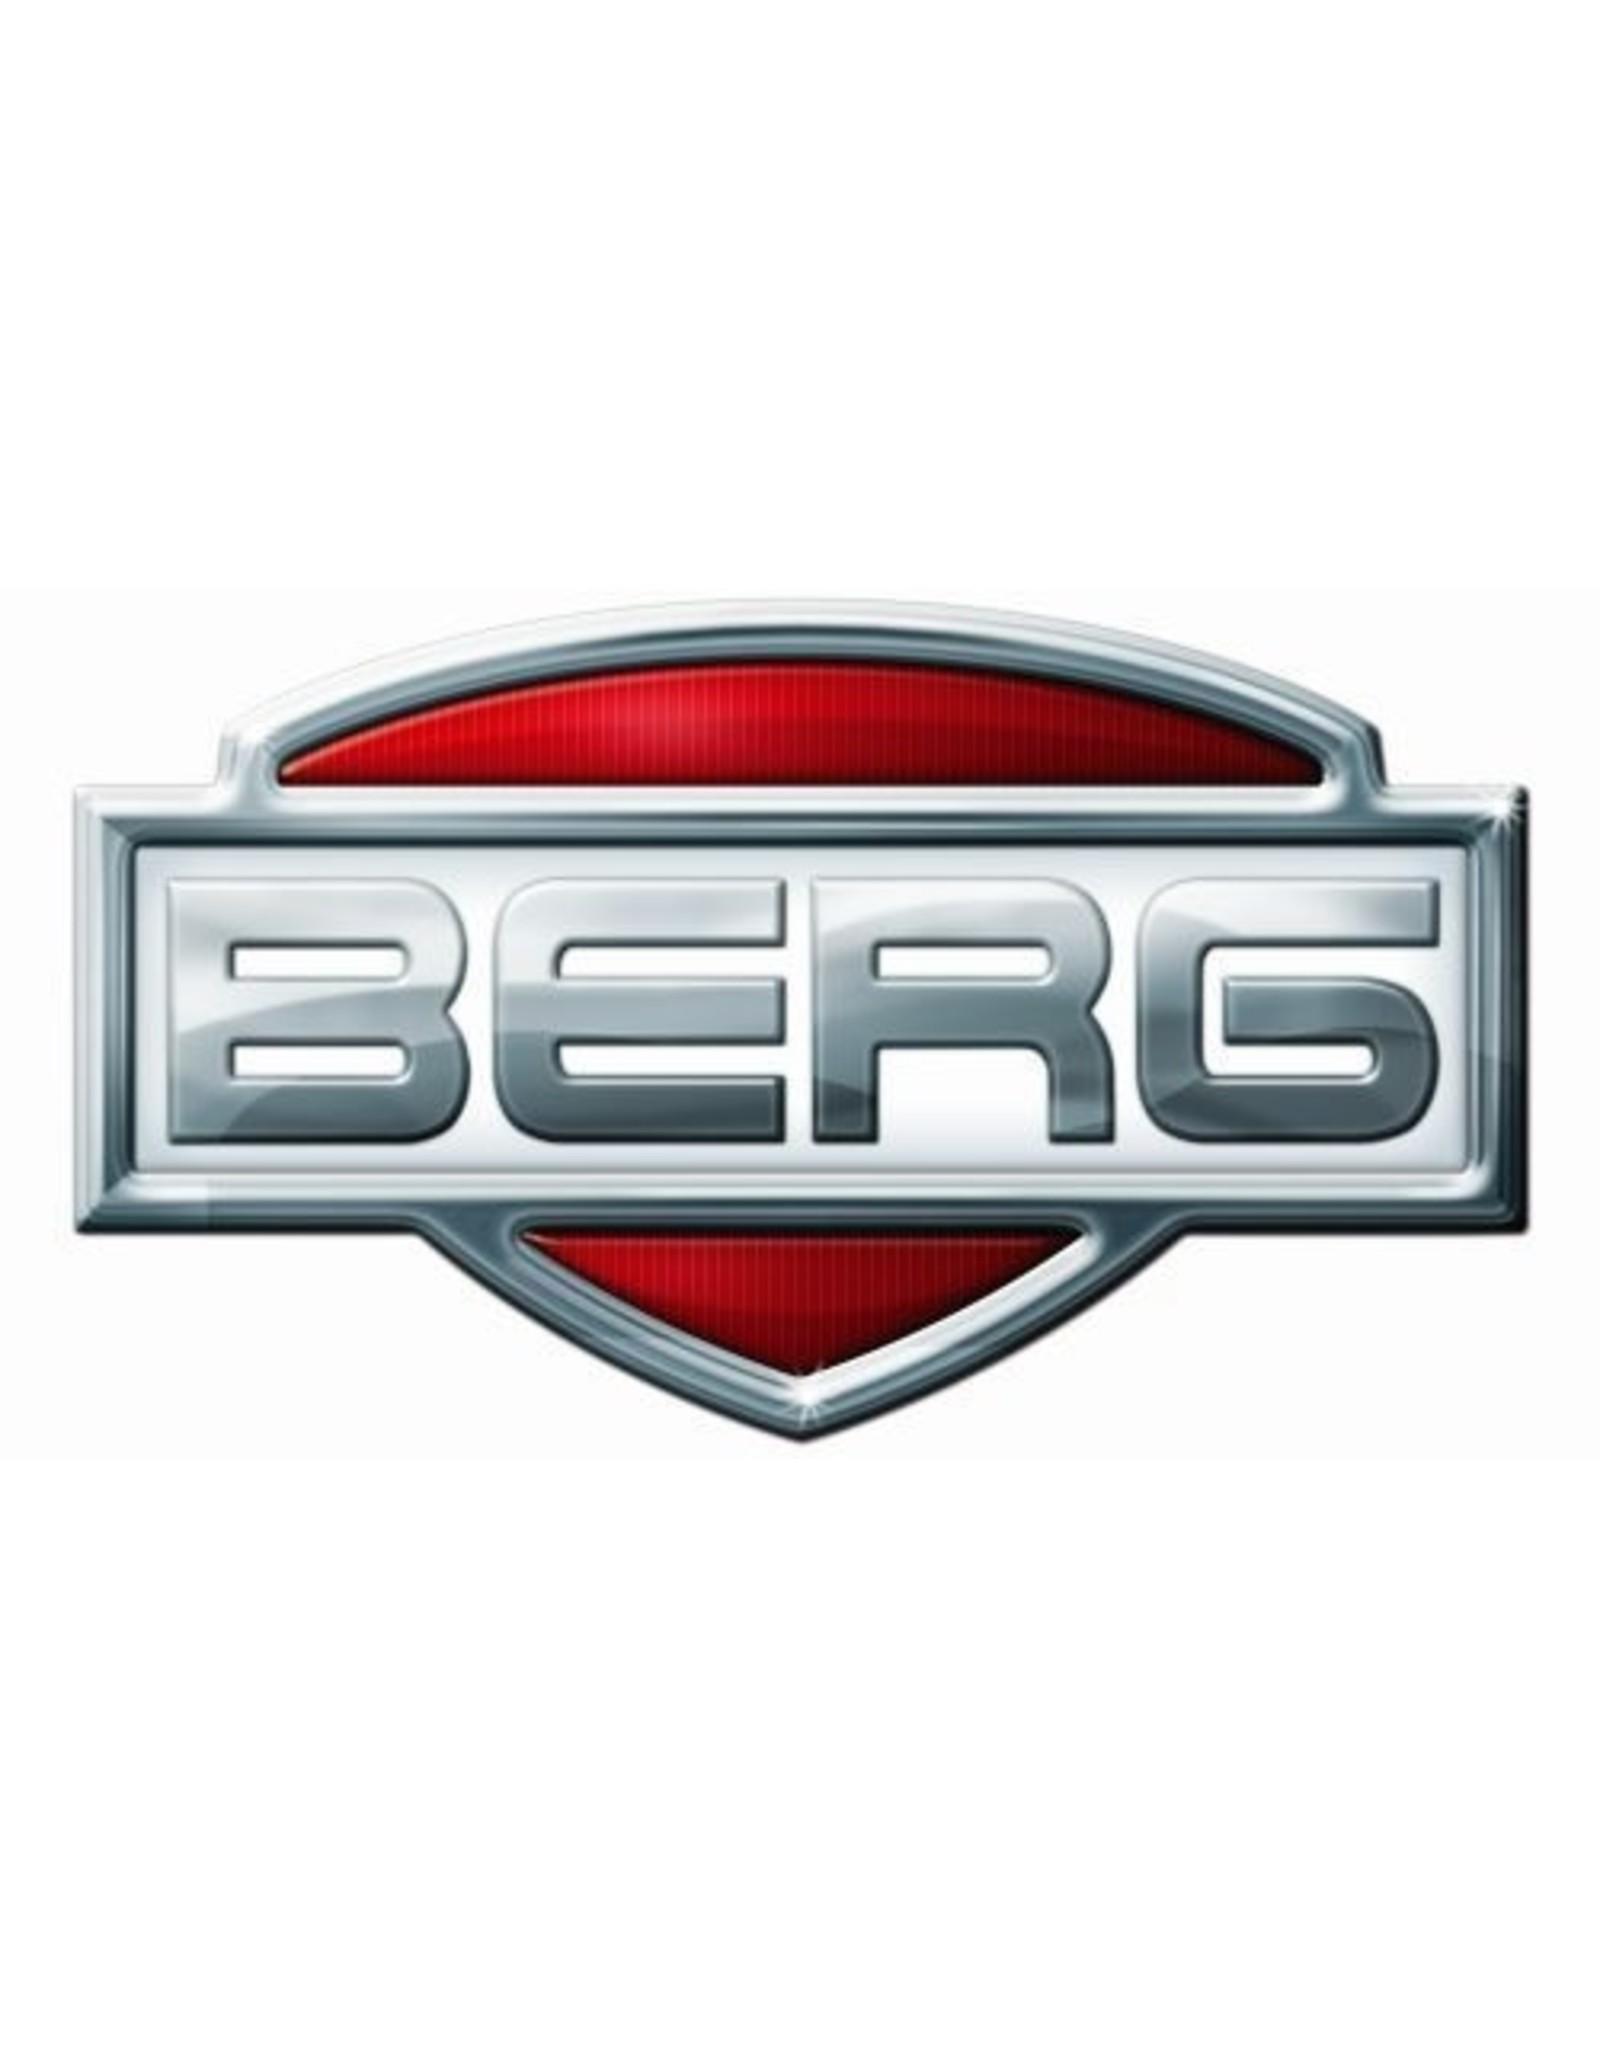 BERG BERG Montageset stuurinrichting